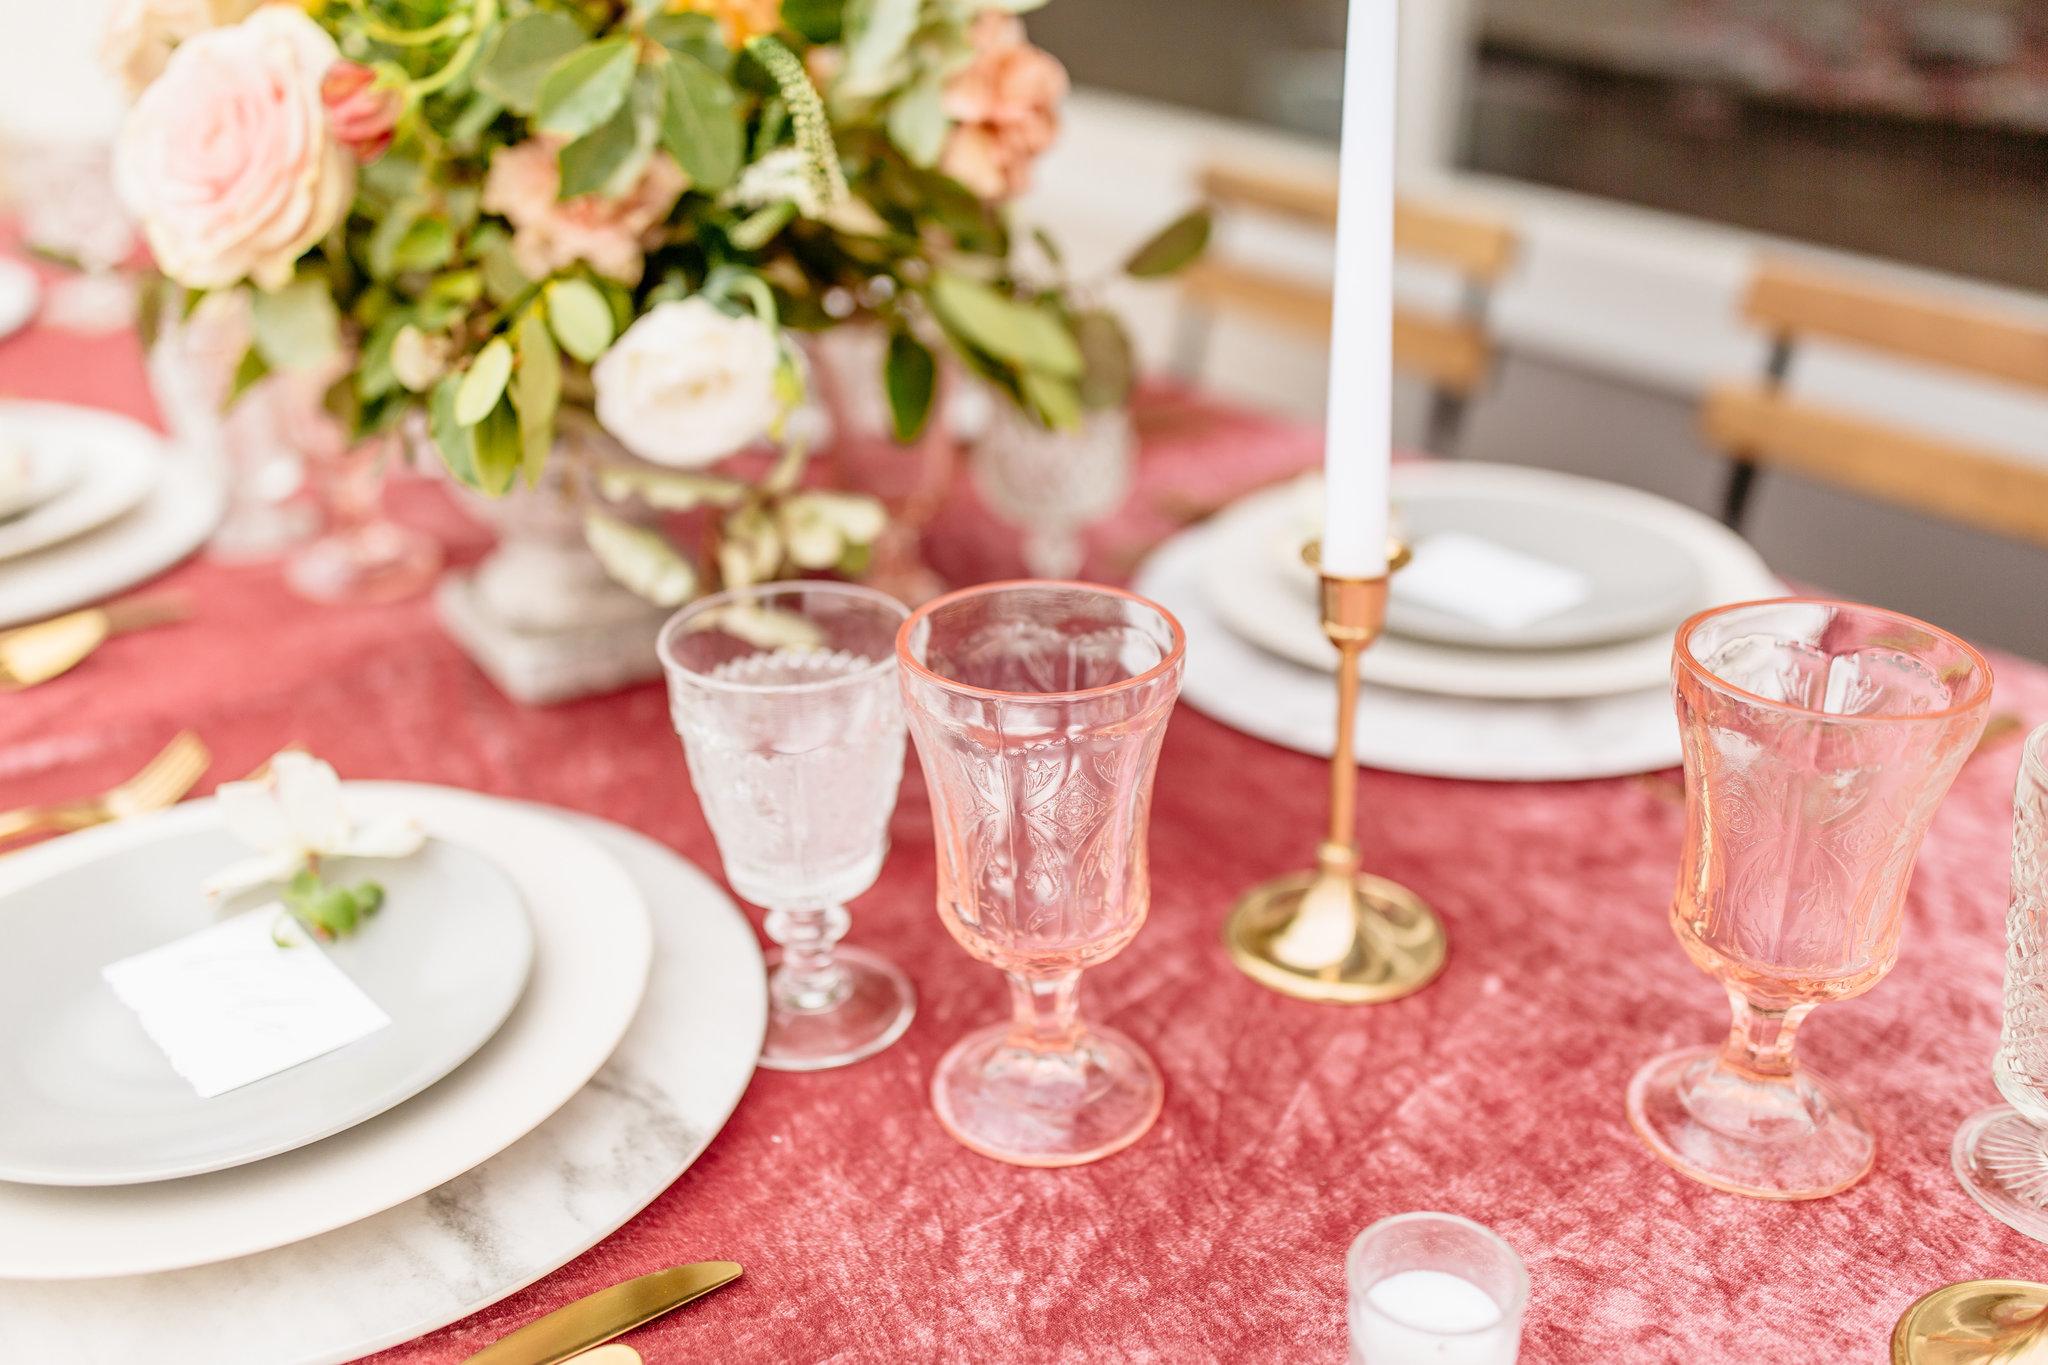 Alexa-Vossler-Photo_Dallas-Wedding-Photographer_Photoshoot-at-the-Station-McKinney_Empower-Event-75.jpg